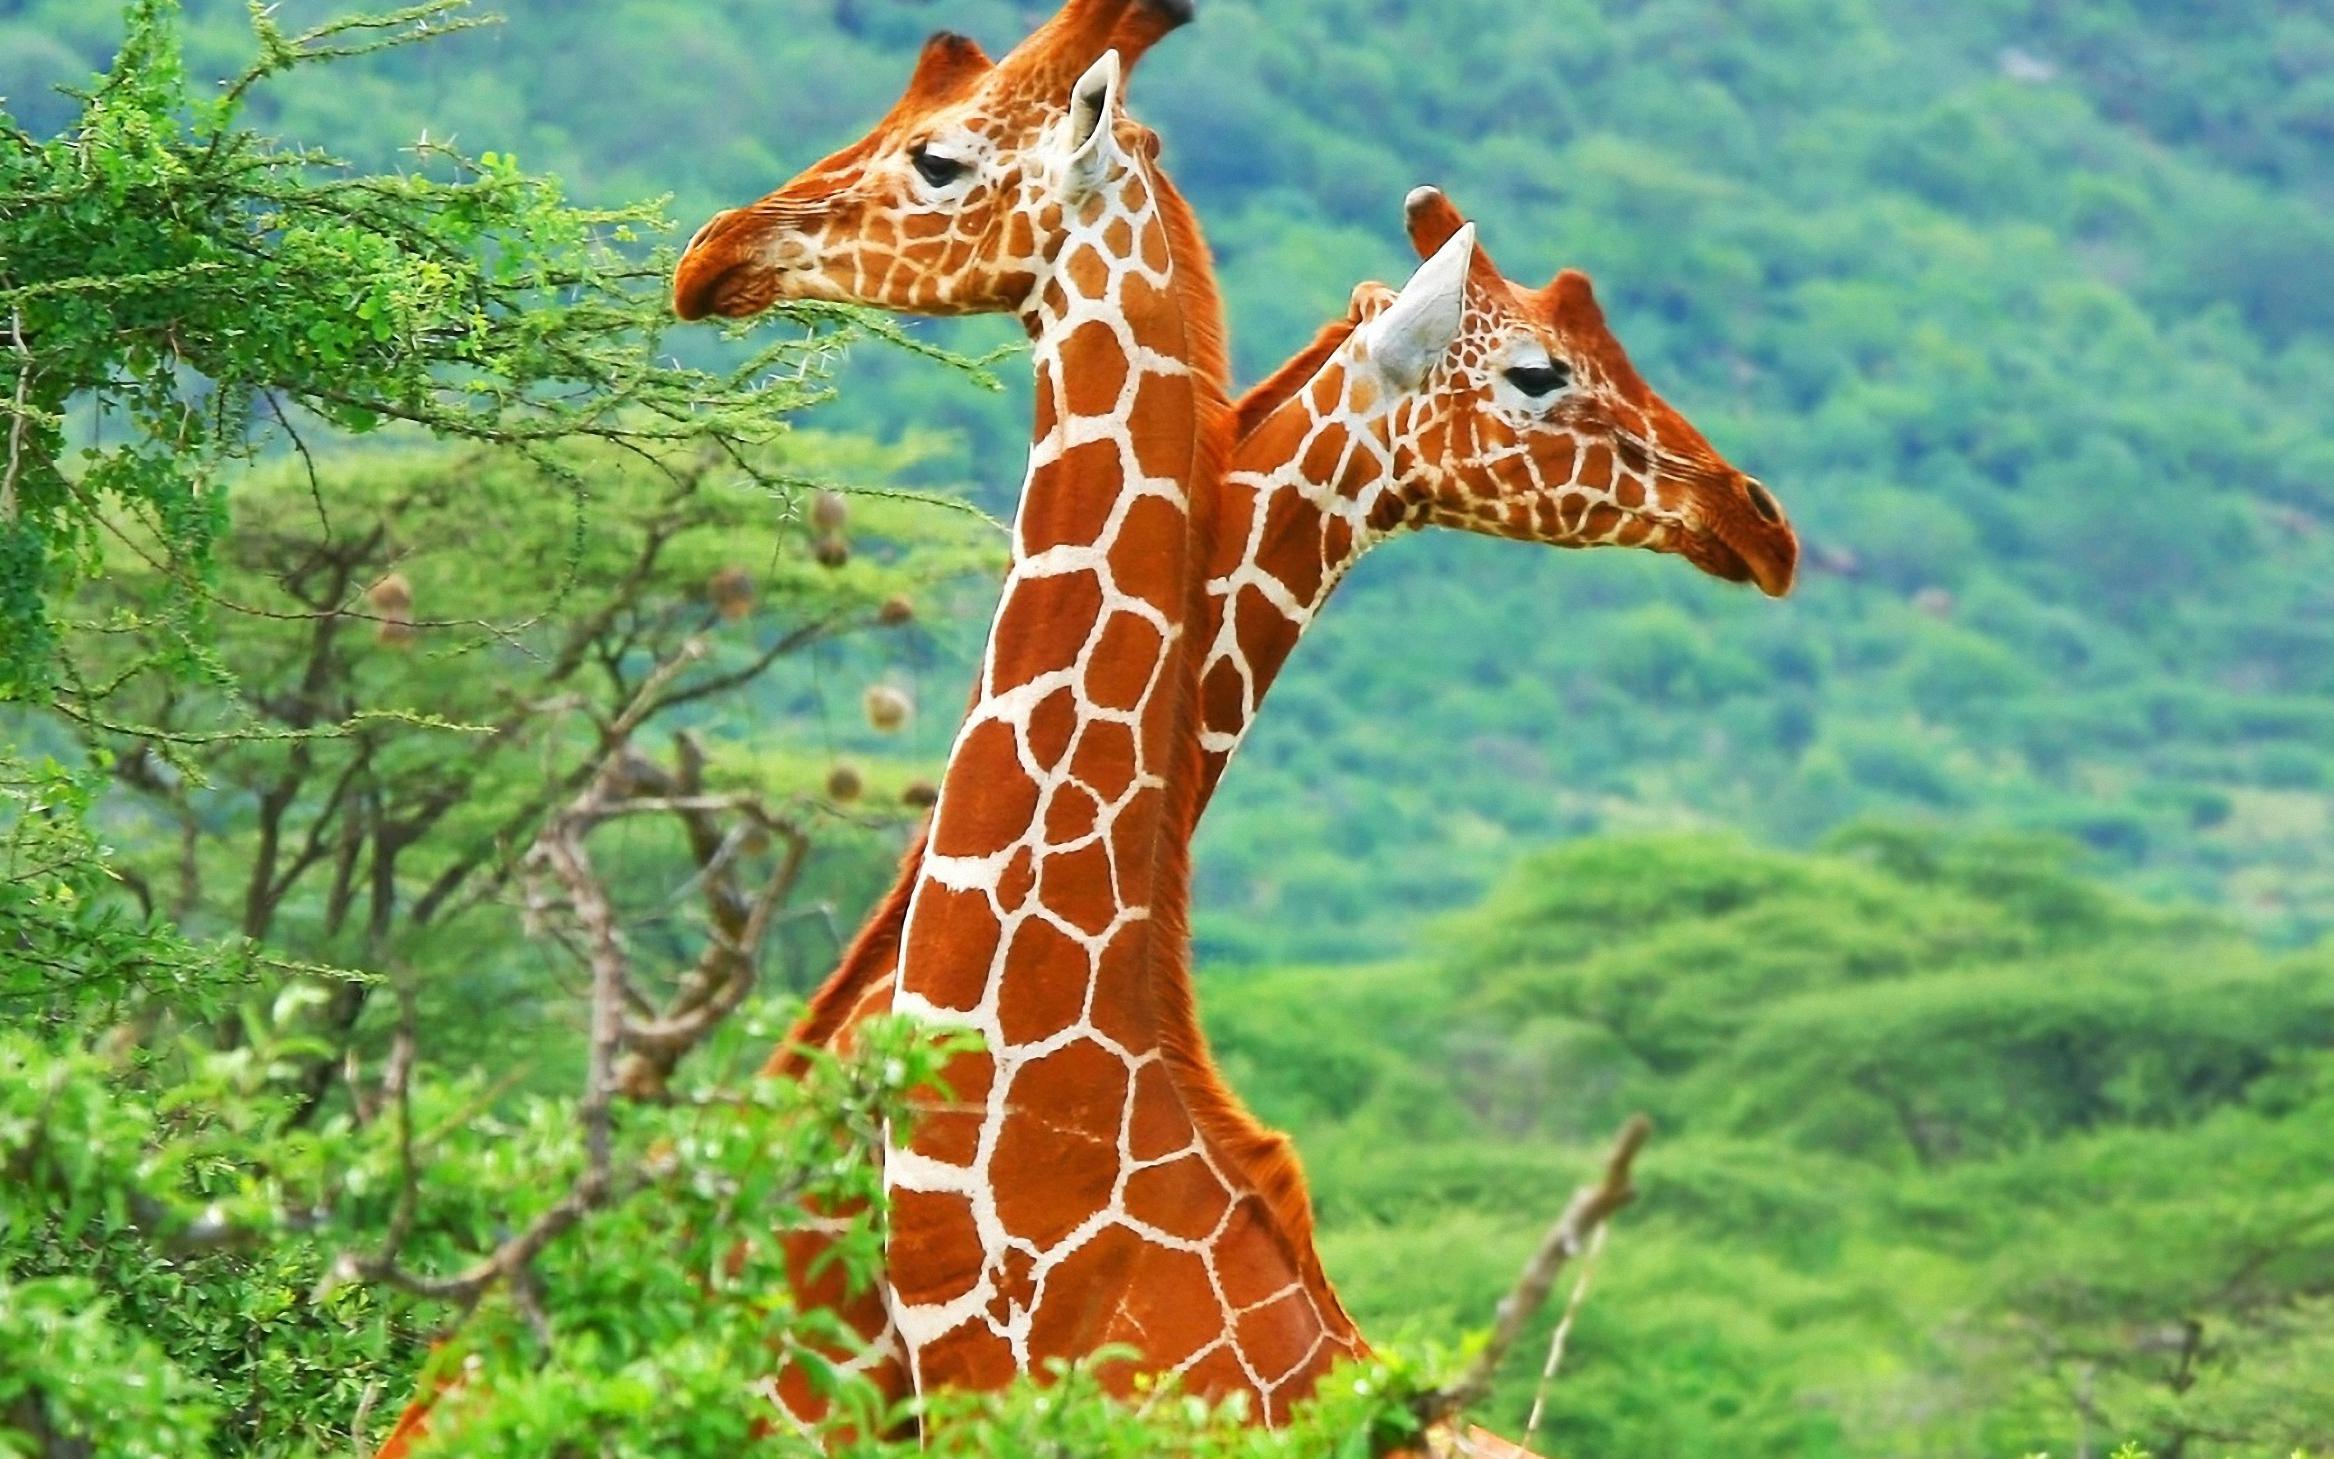 Giraffe High Definition Wallpapers